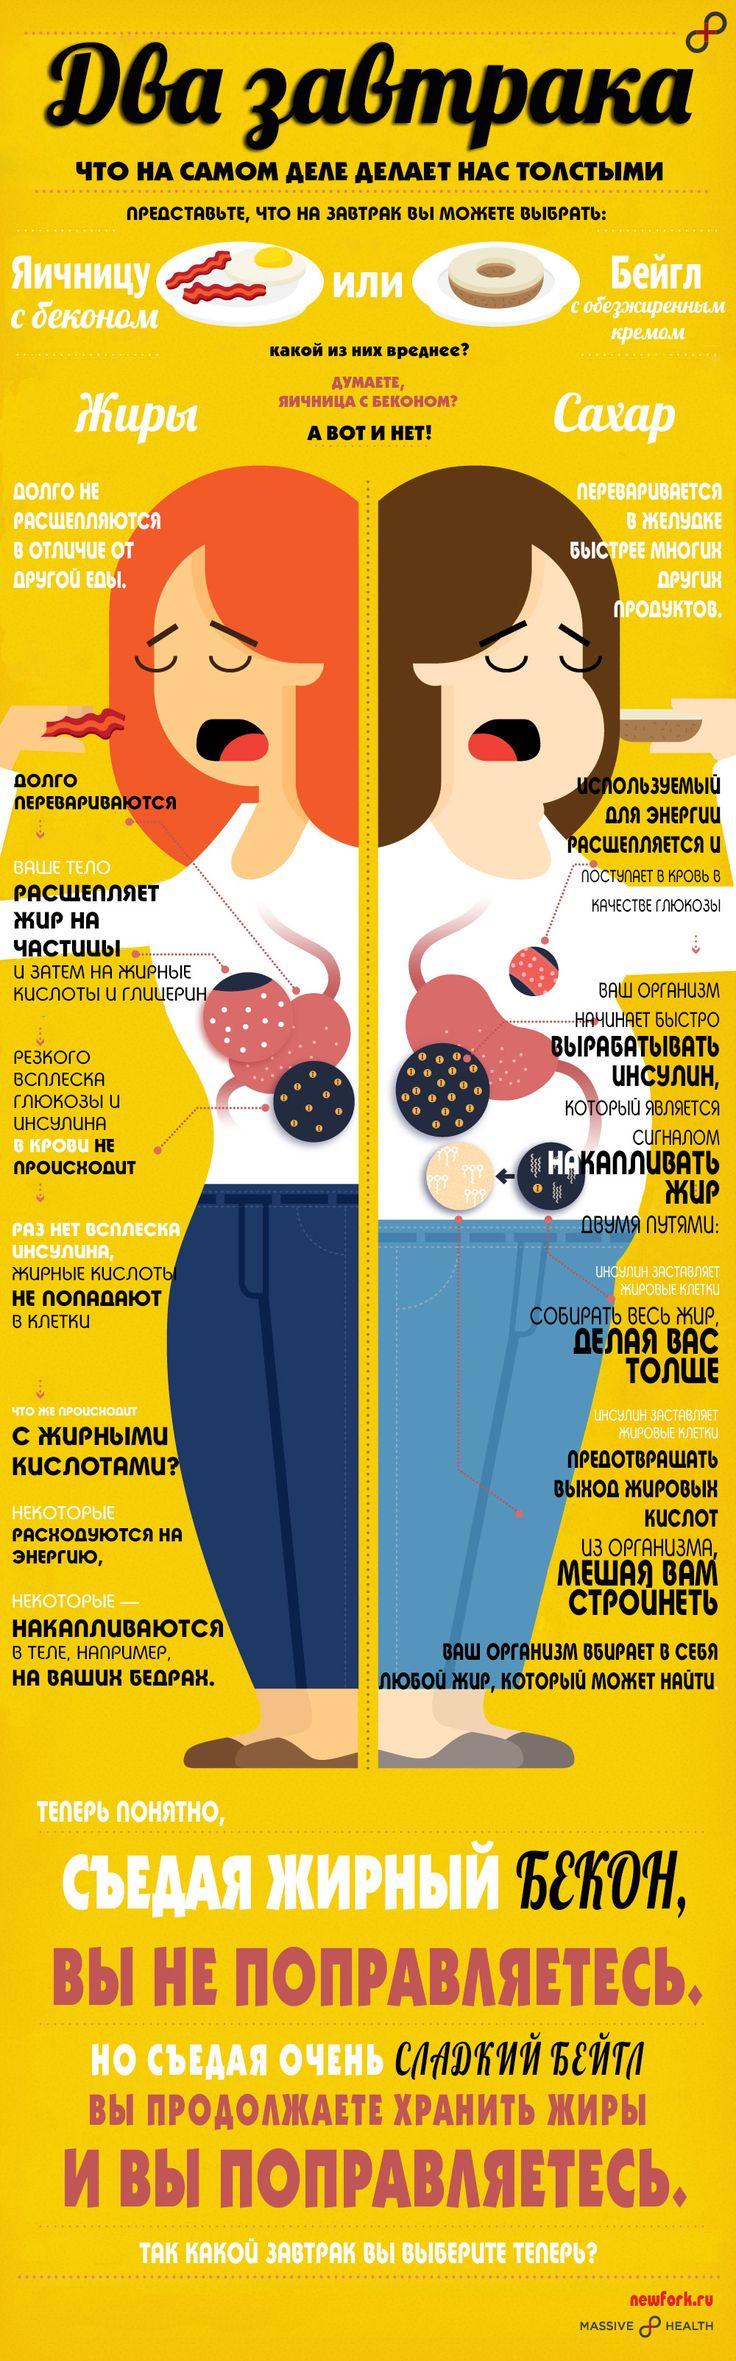 Что на самом деле делает нас толстыми? Жир или сахар? Подробнее в сравнительной инфографике о двух завтраках.#инфографика